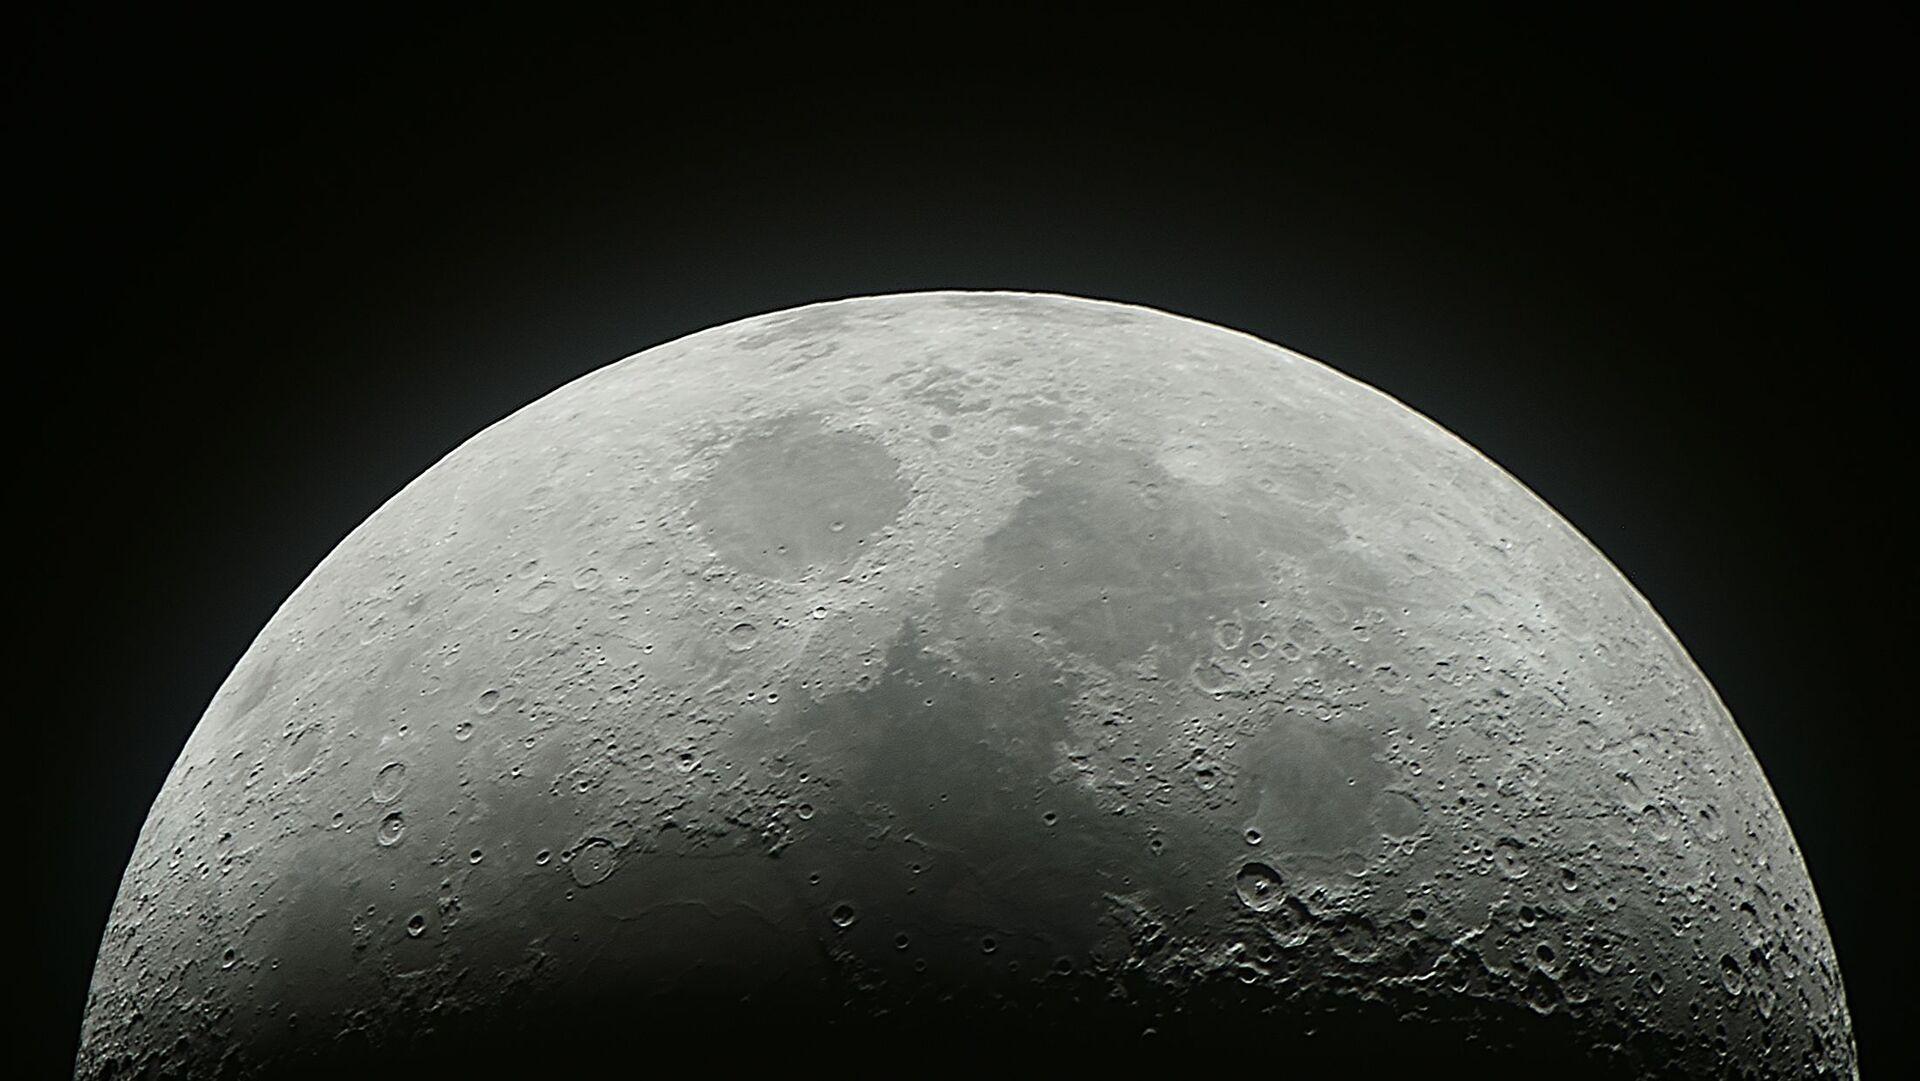 Księżyc - Sputnik Polska, 1920, 23.09.2021